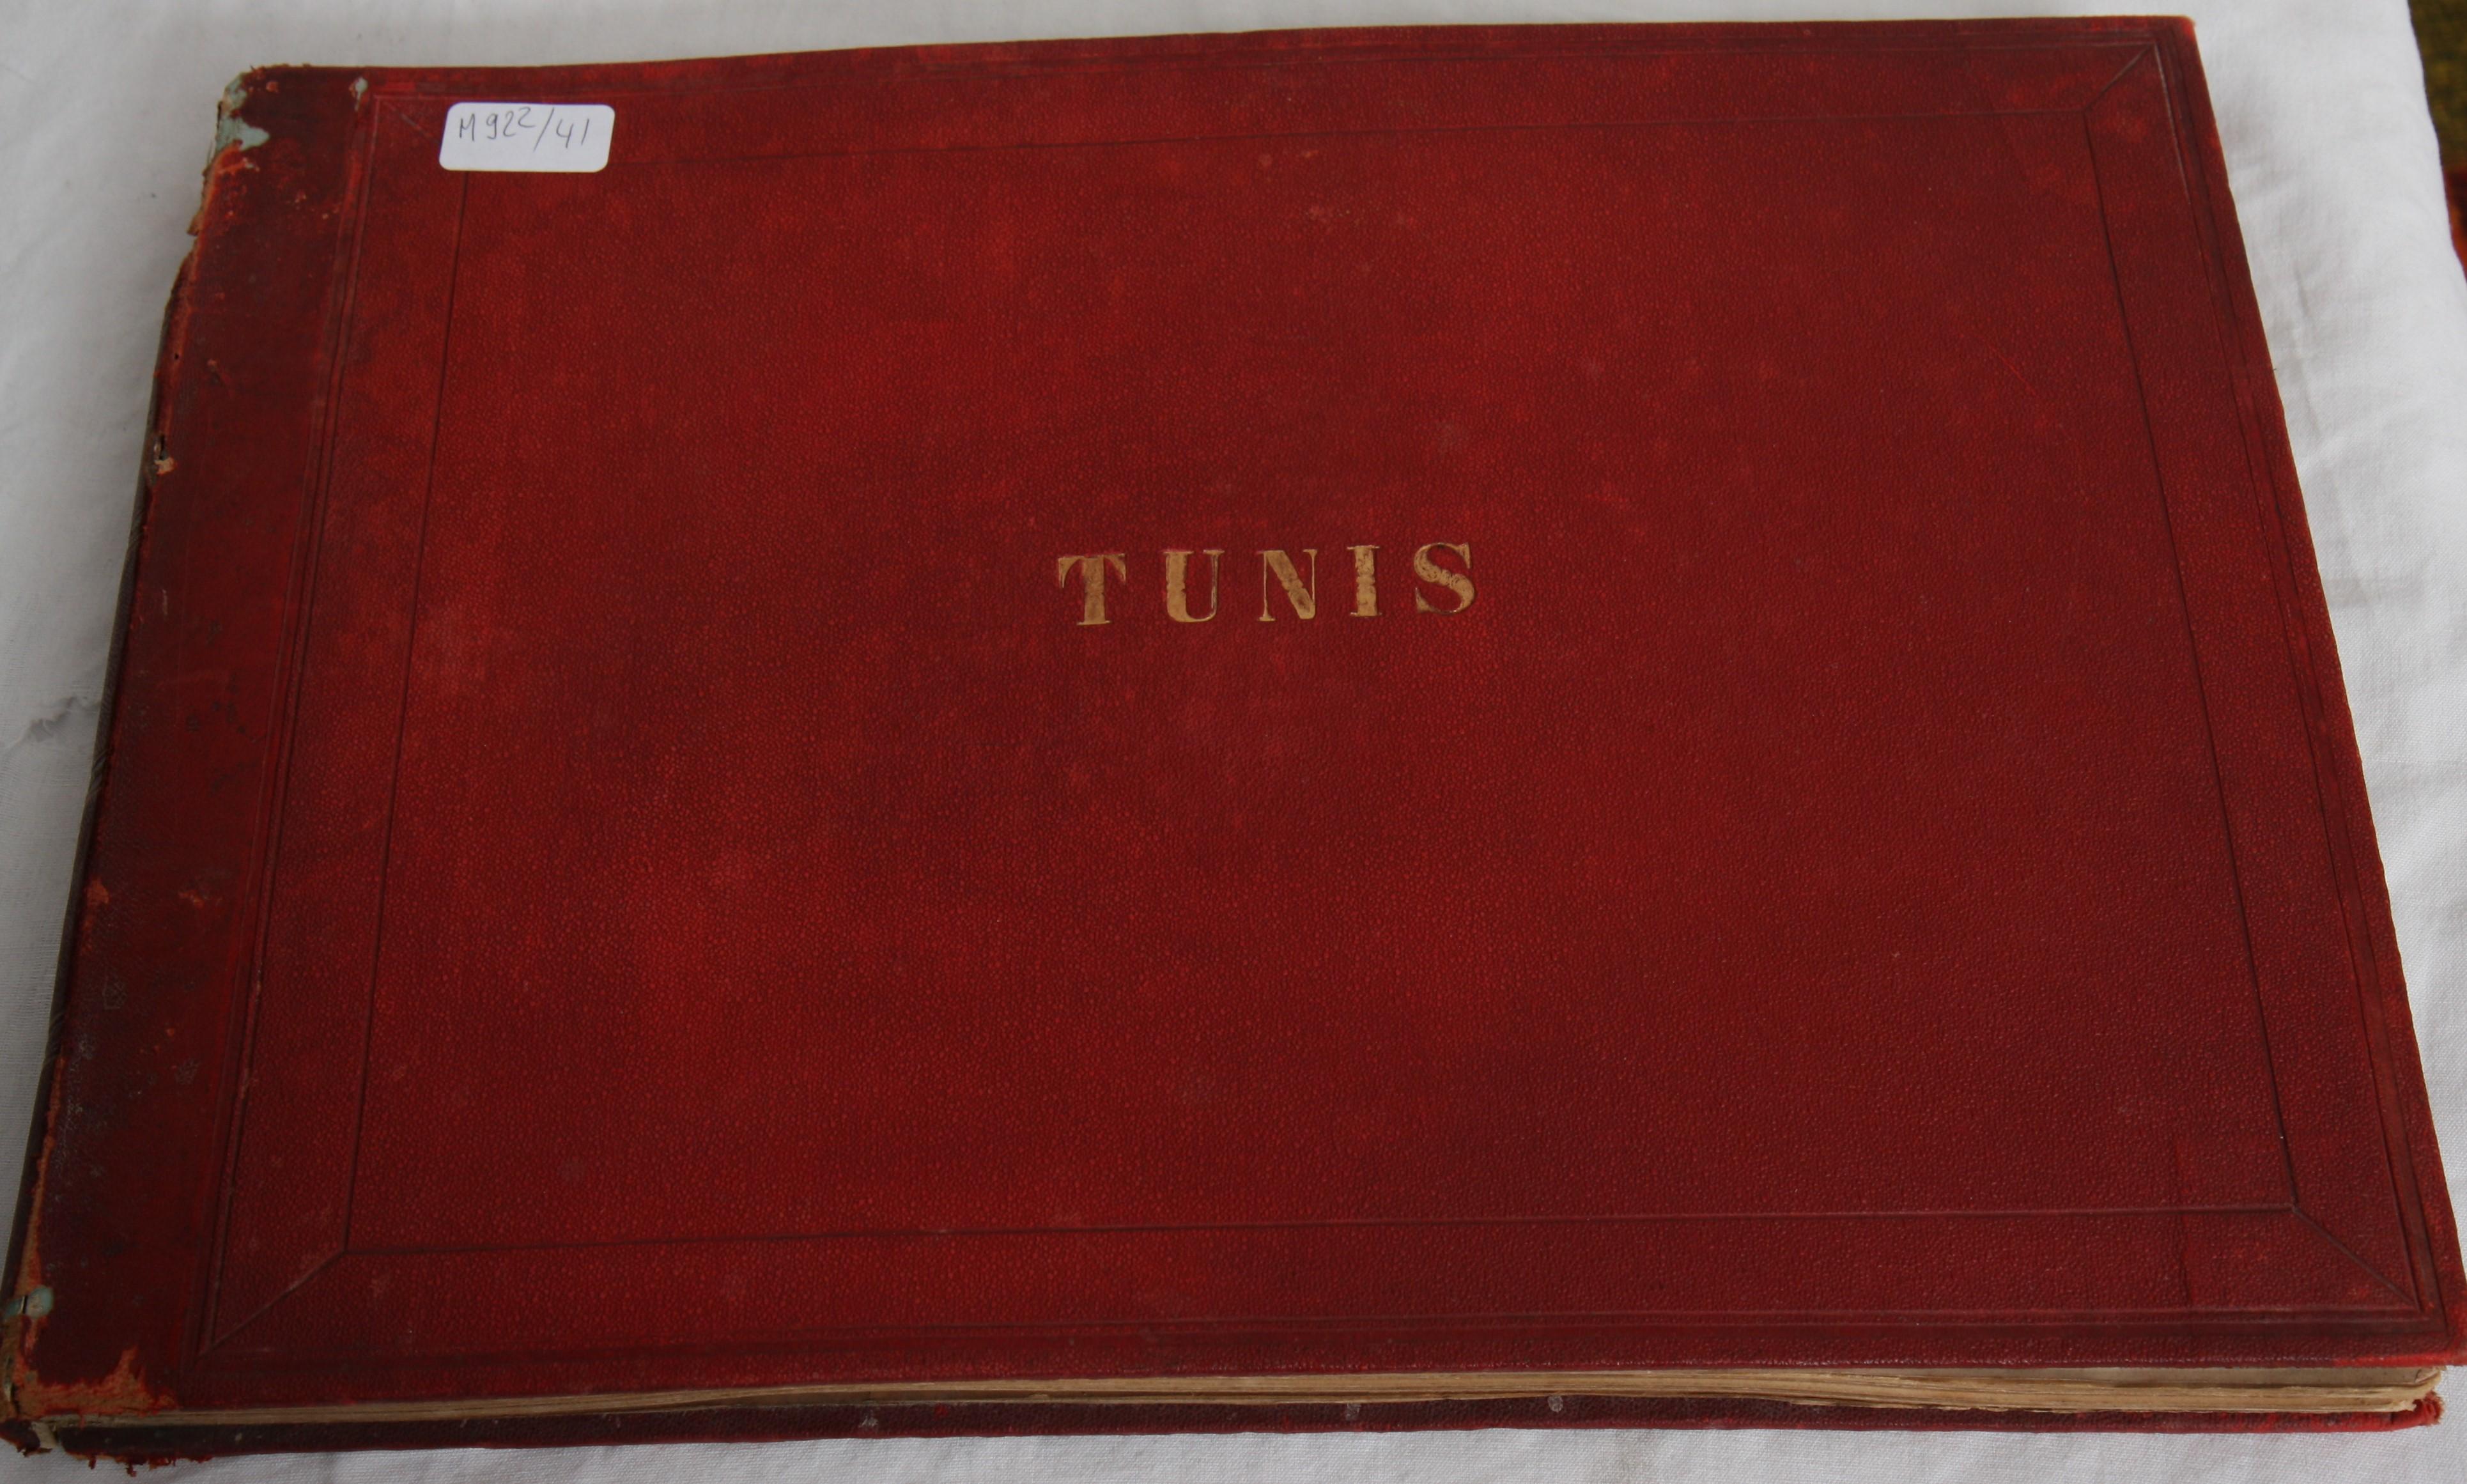 """Los 8 - ALBUM DE PHOTOS NOIR ET BLANC """"TUNIS"""" DE GARRUIGUE XIXè 23 photos noir et blanc [...]"""